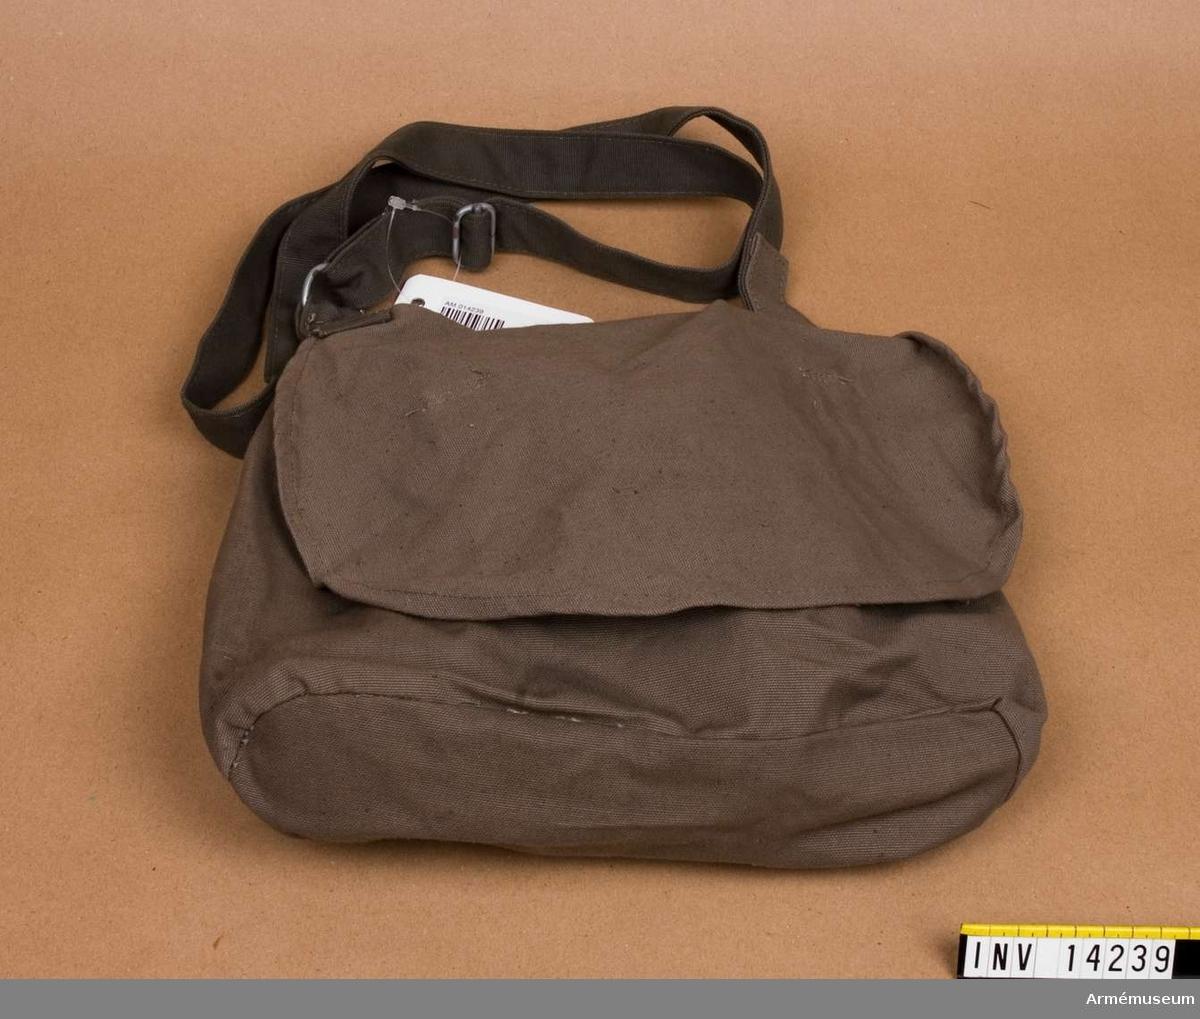 """Grupp C I Brödväskan består av svart färgat linne (32 cm lång och 26 cm bred) med lock, som stänges med två svarta knappar, fastsydda vid väskan. Väskan har på lockets baksida stämplar: """"1882"""", """"PRM"""" - provmassigt modellenligt.  Väskan har innerpåse av grovt linnelärft med fickor och stämpel: """"PRM"""", samma betydelse. Axelgehäng av svart läder, 2,5 cm bred med spännen av vitmetall. """"PRM"""" och """"1878"""""""